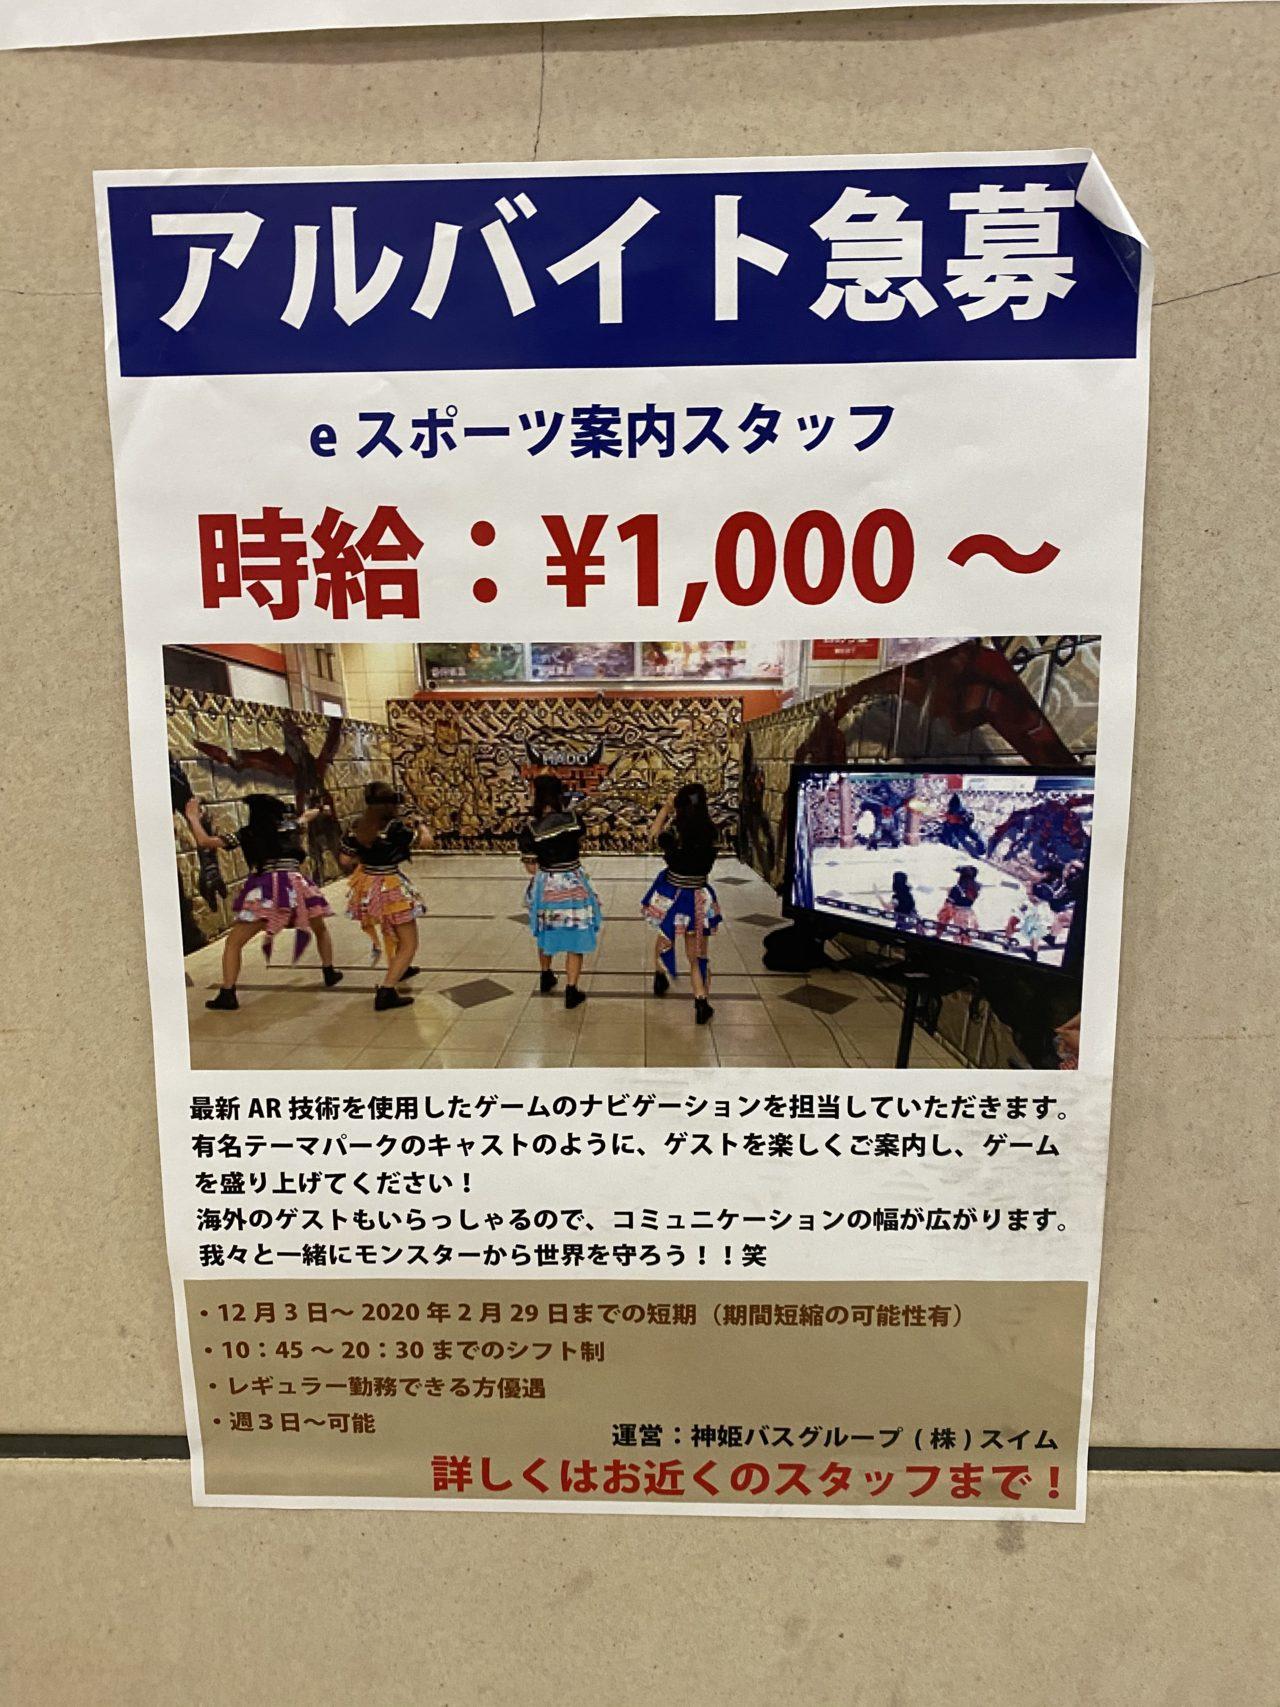 神姫バスのところにHADO MONSTERBATTLE(波動モンスターバトル)があるぞ!